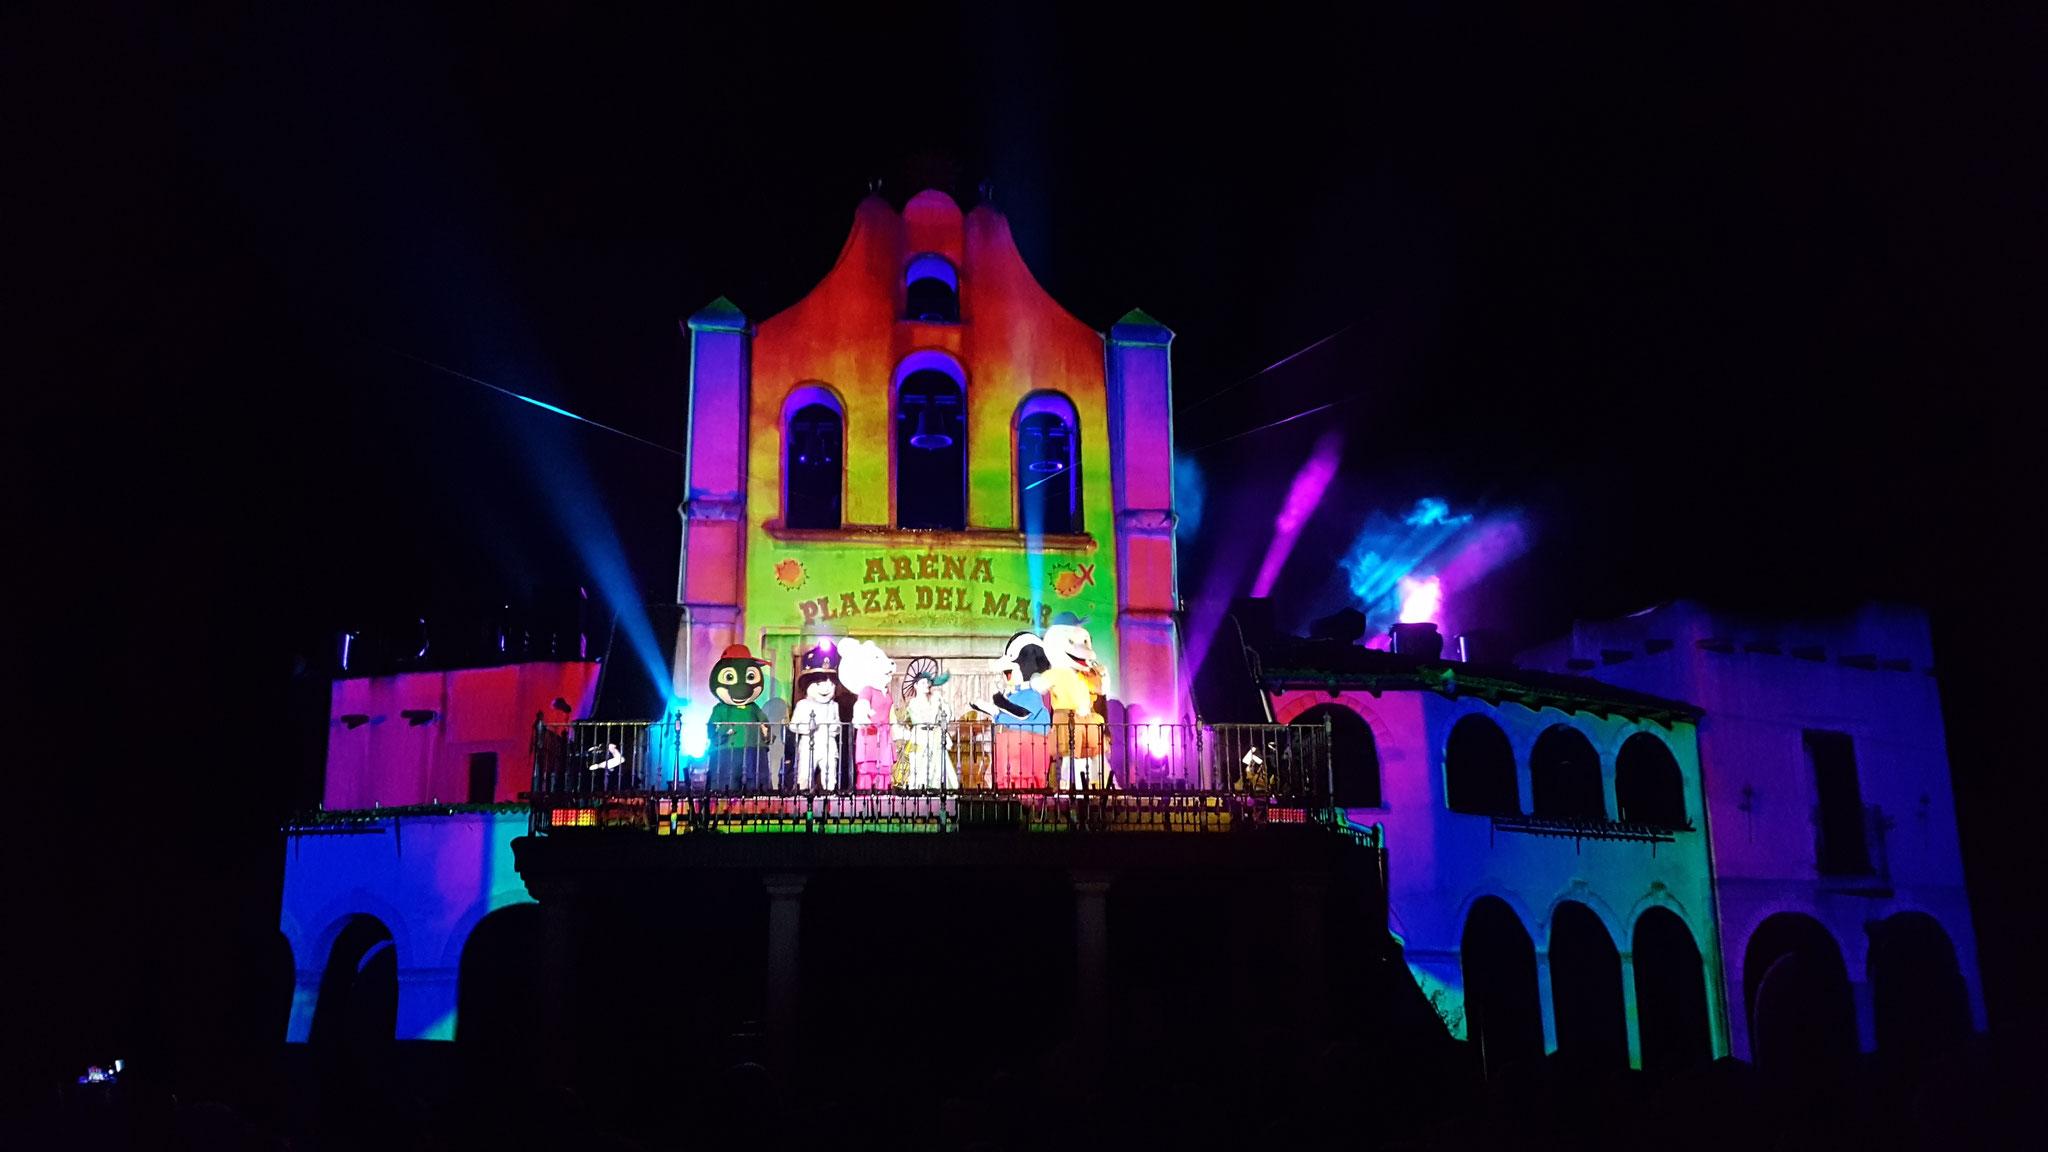 """Fiesta mit Feuerwerk beim Event """"Herbstzauber am Meer"""""""